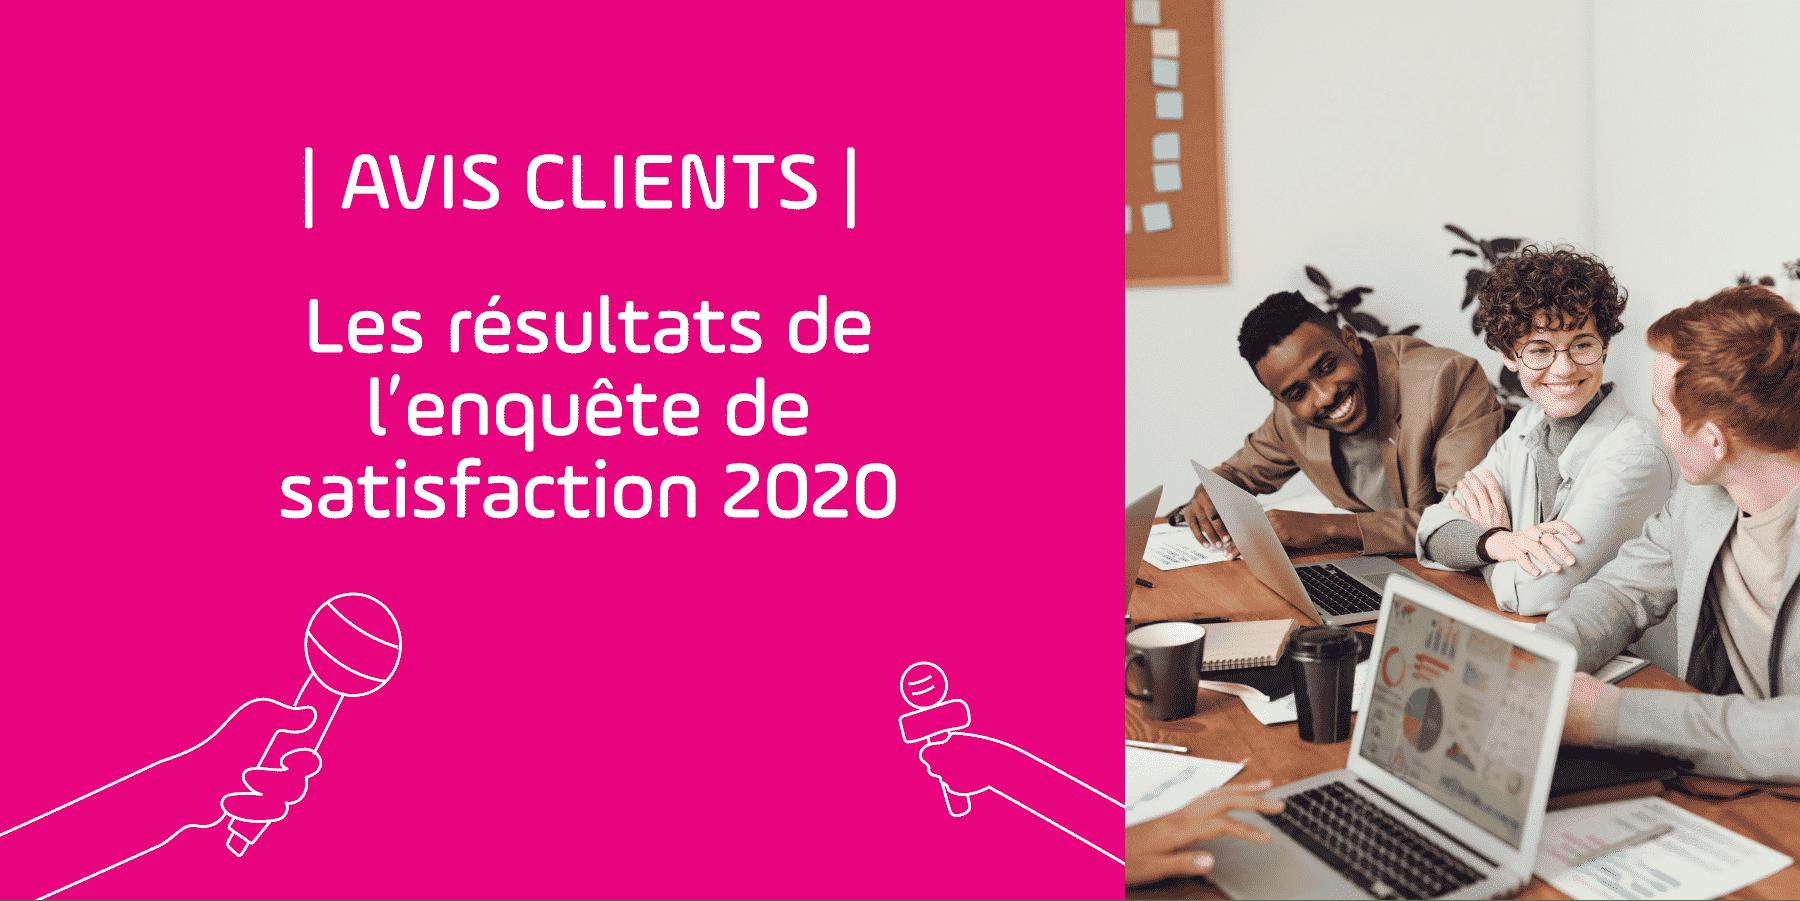 avis-clients-virage-group-enquete-2020